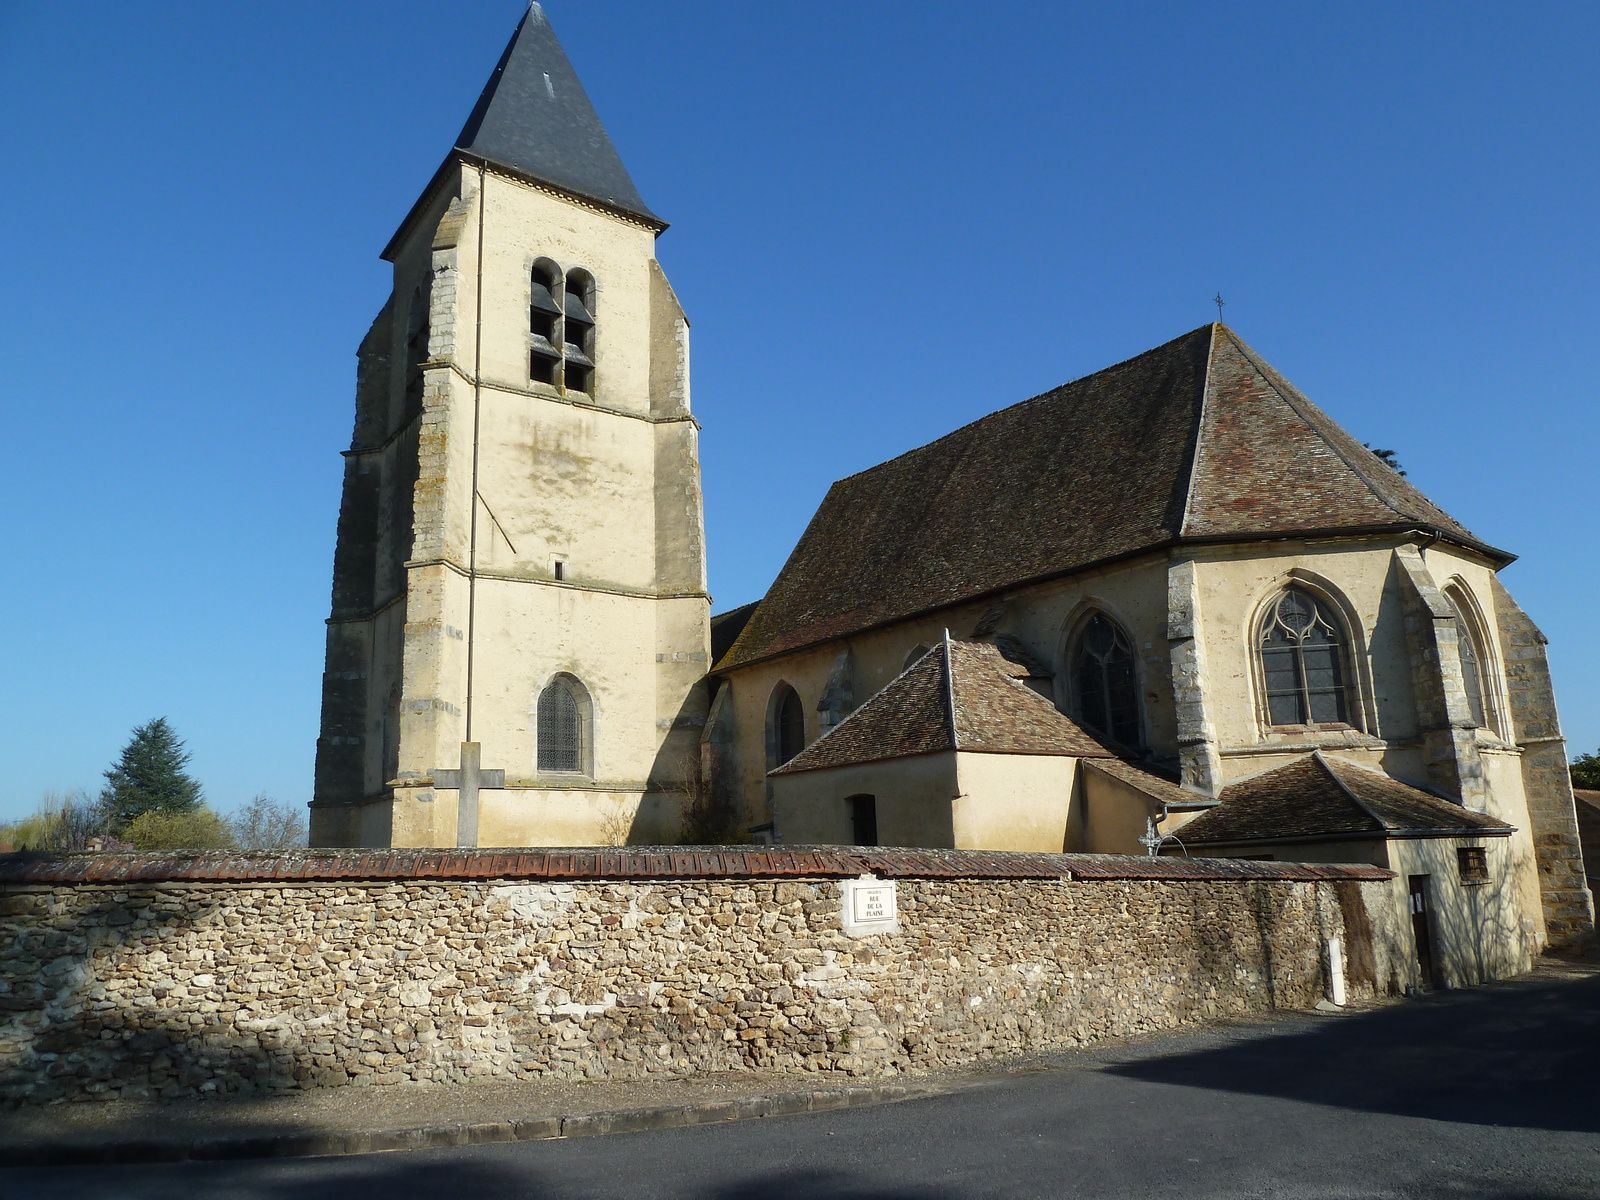 Église Saint-Pierre-aux-Liens, (fermée) XVème (Inscrite aux Monuments Historiques), construite sur l'emplacement d'une première église dont subsiste le clocher XIIème.